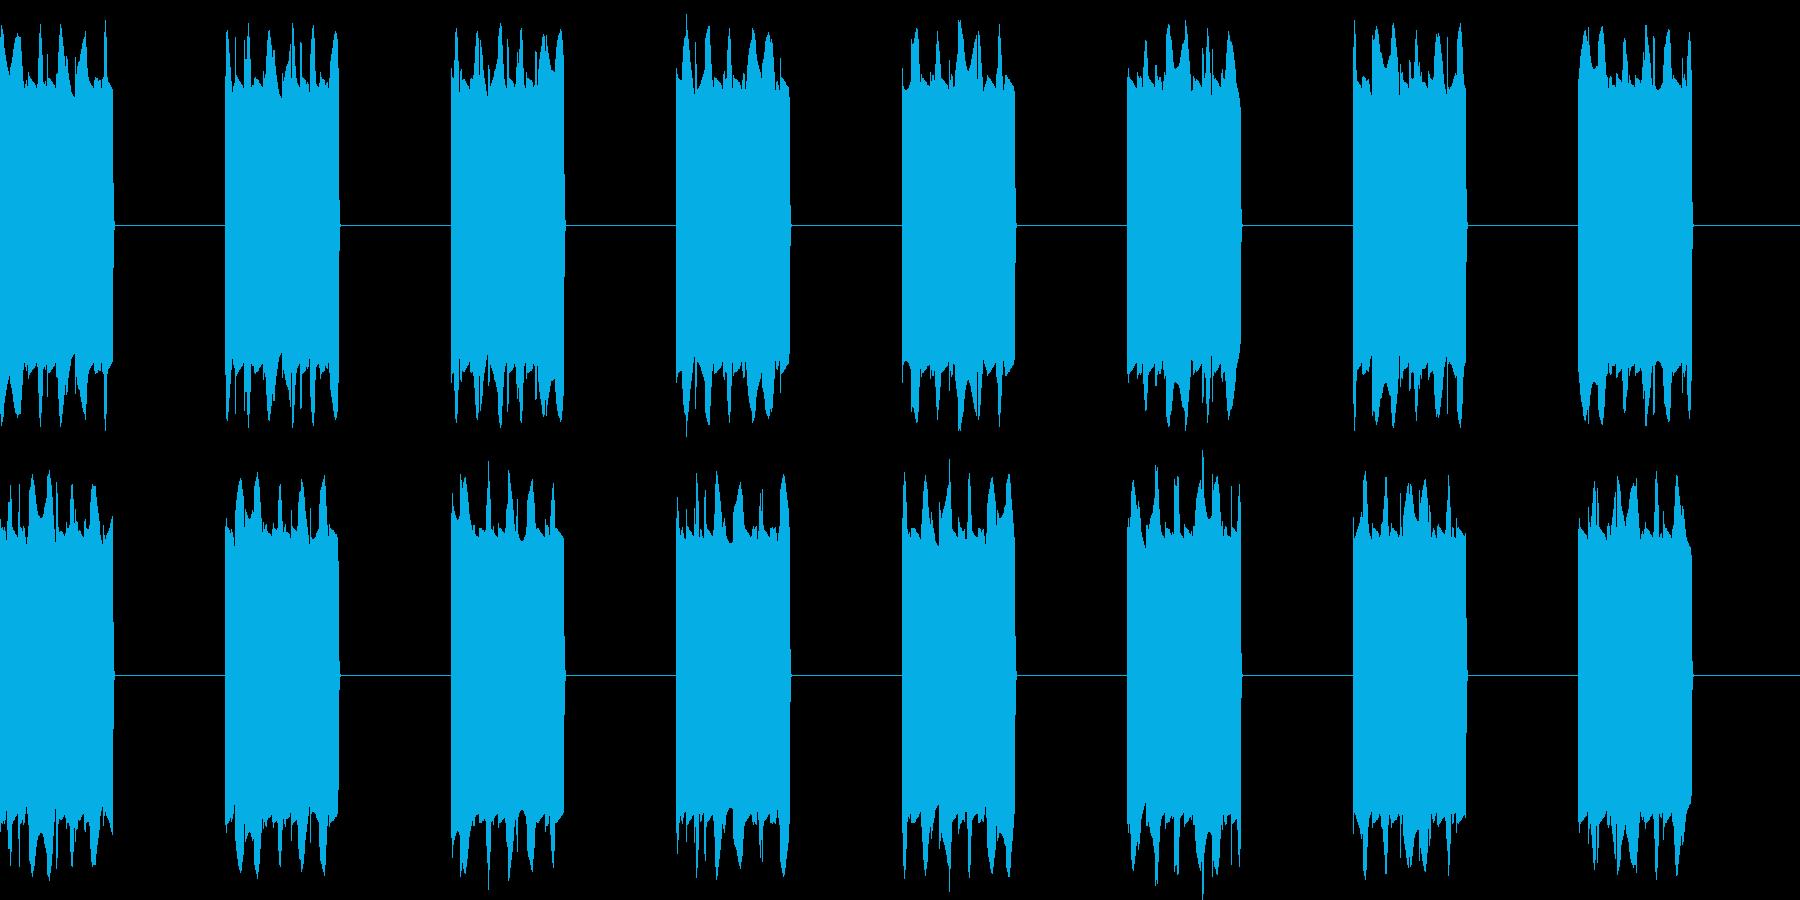 ピピピ...。携帯電話の着信音D(長め)の再生済みの波形